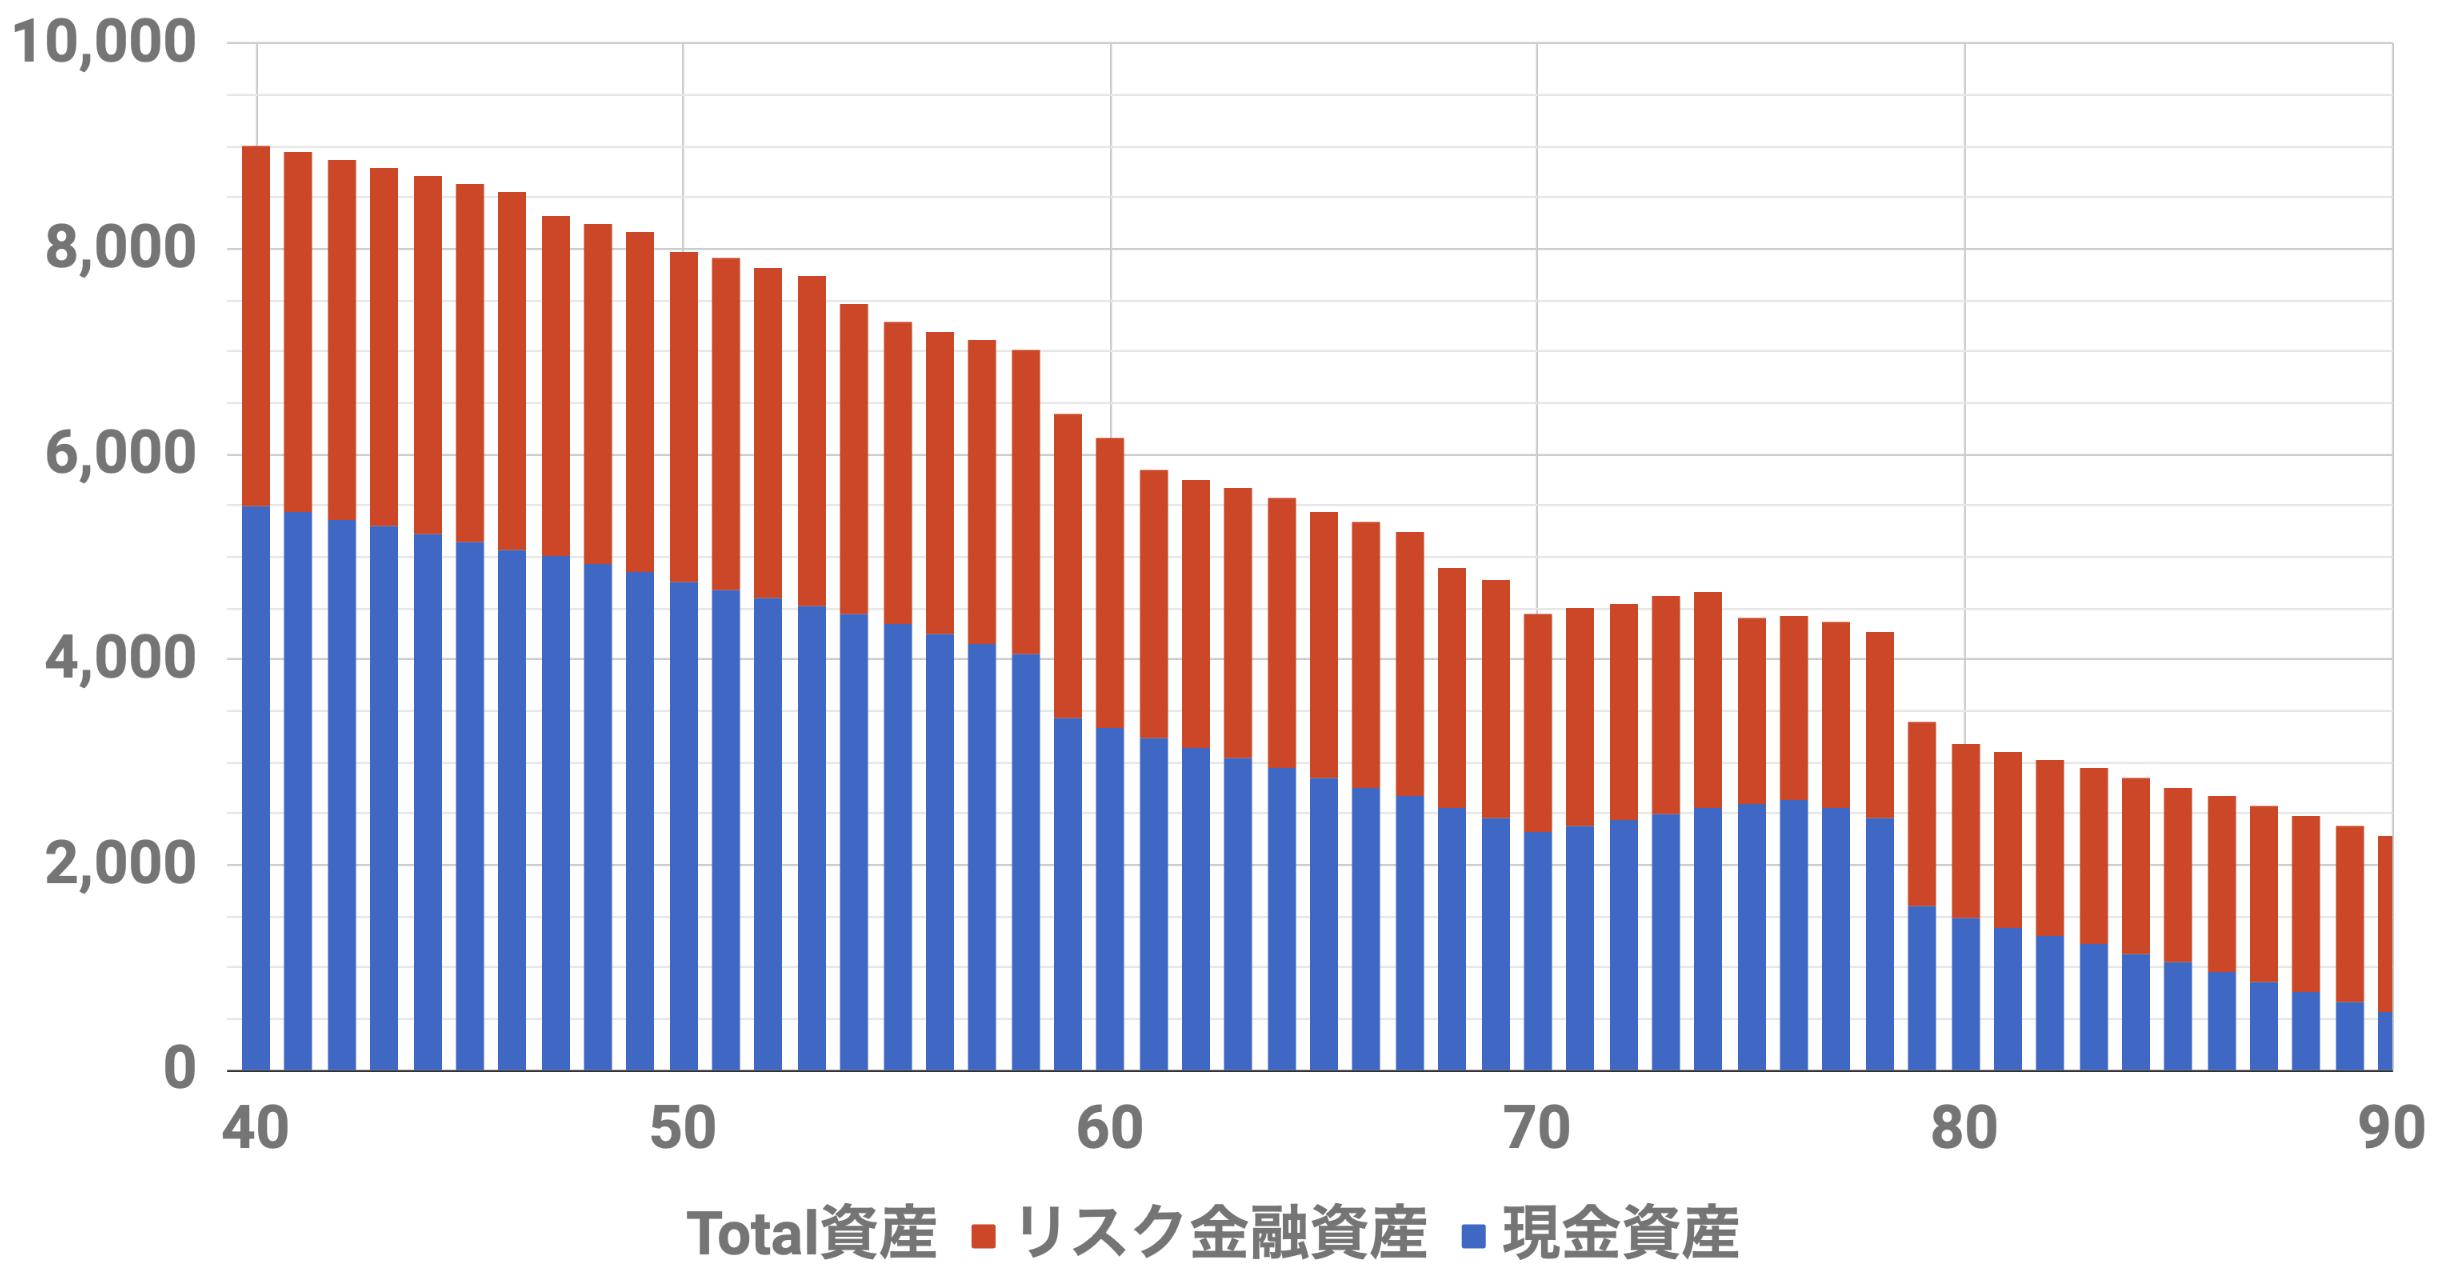 40歳9000万円資産シミュレーション(Level3)インフレ率2%利率3%連続増配率3%リスク資金3500万